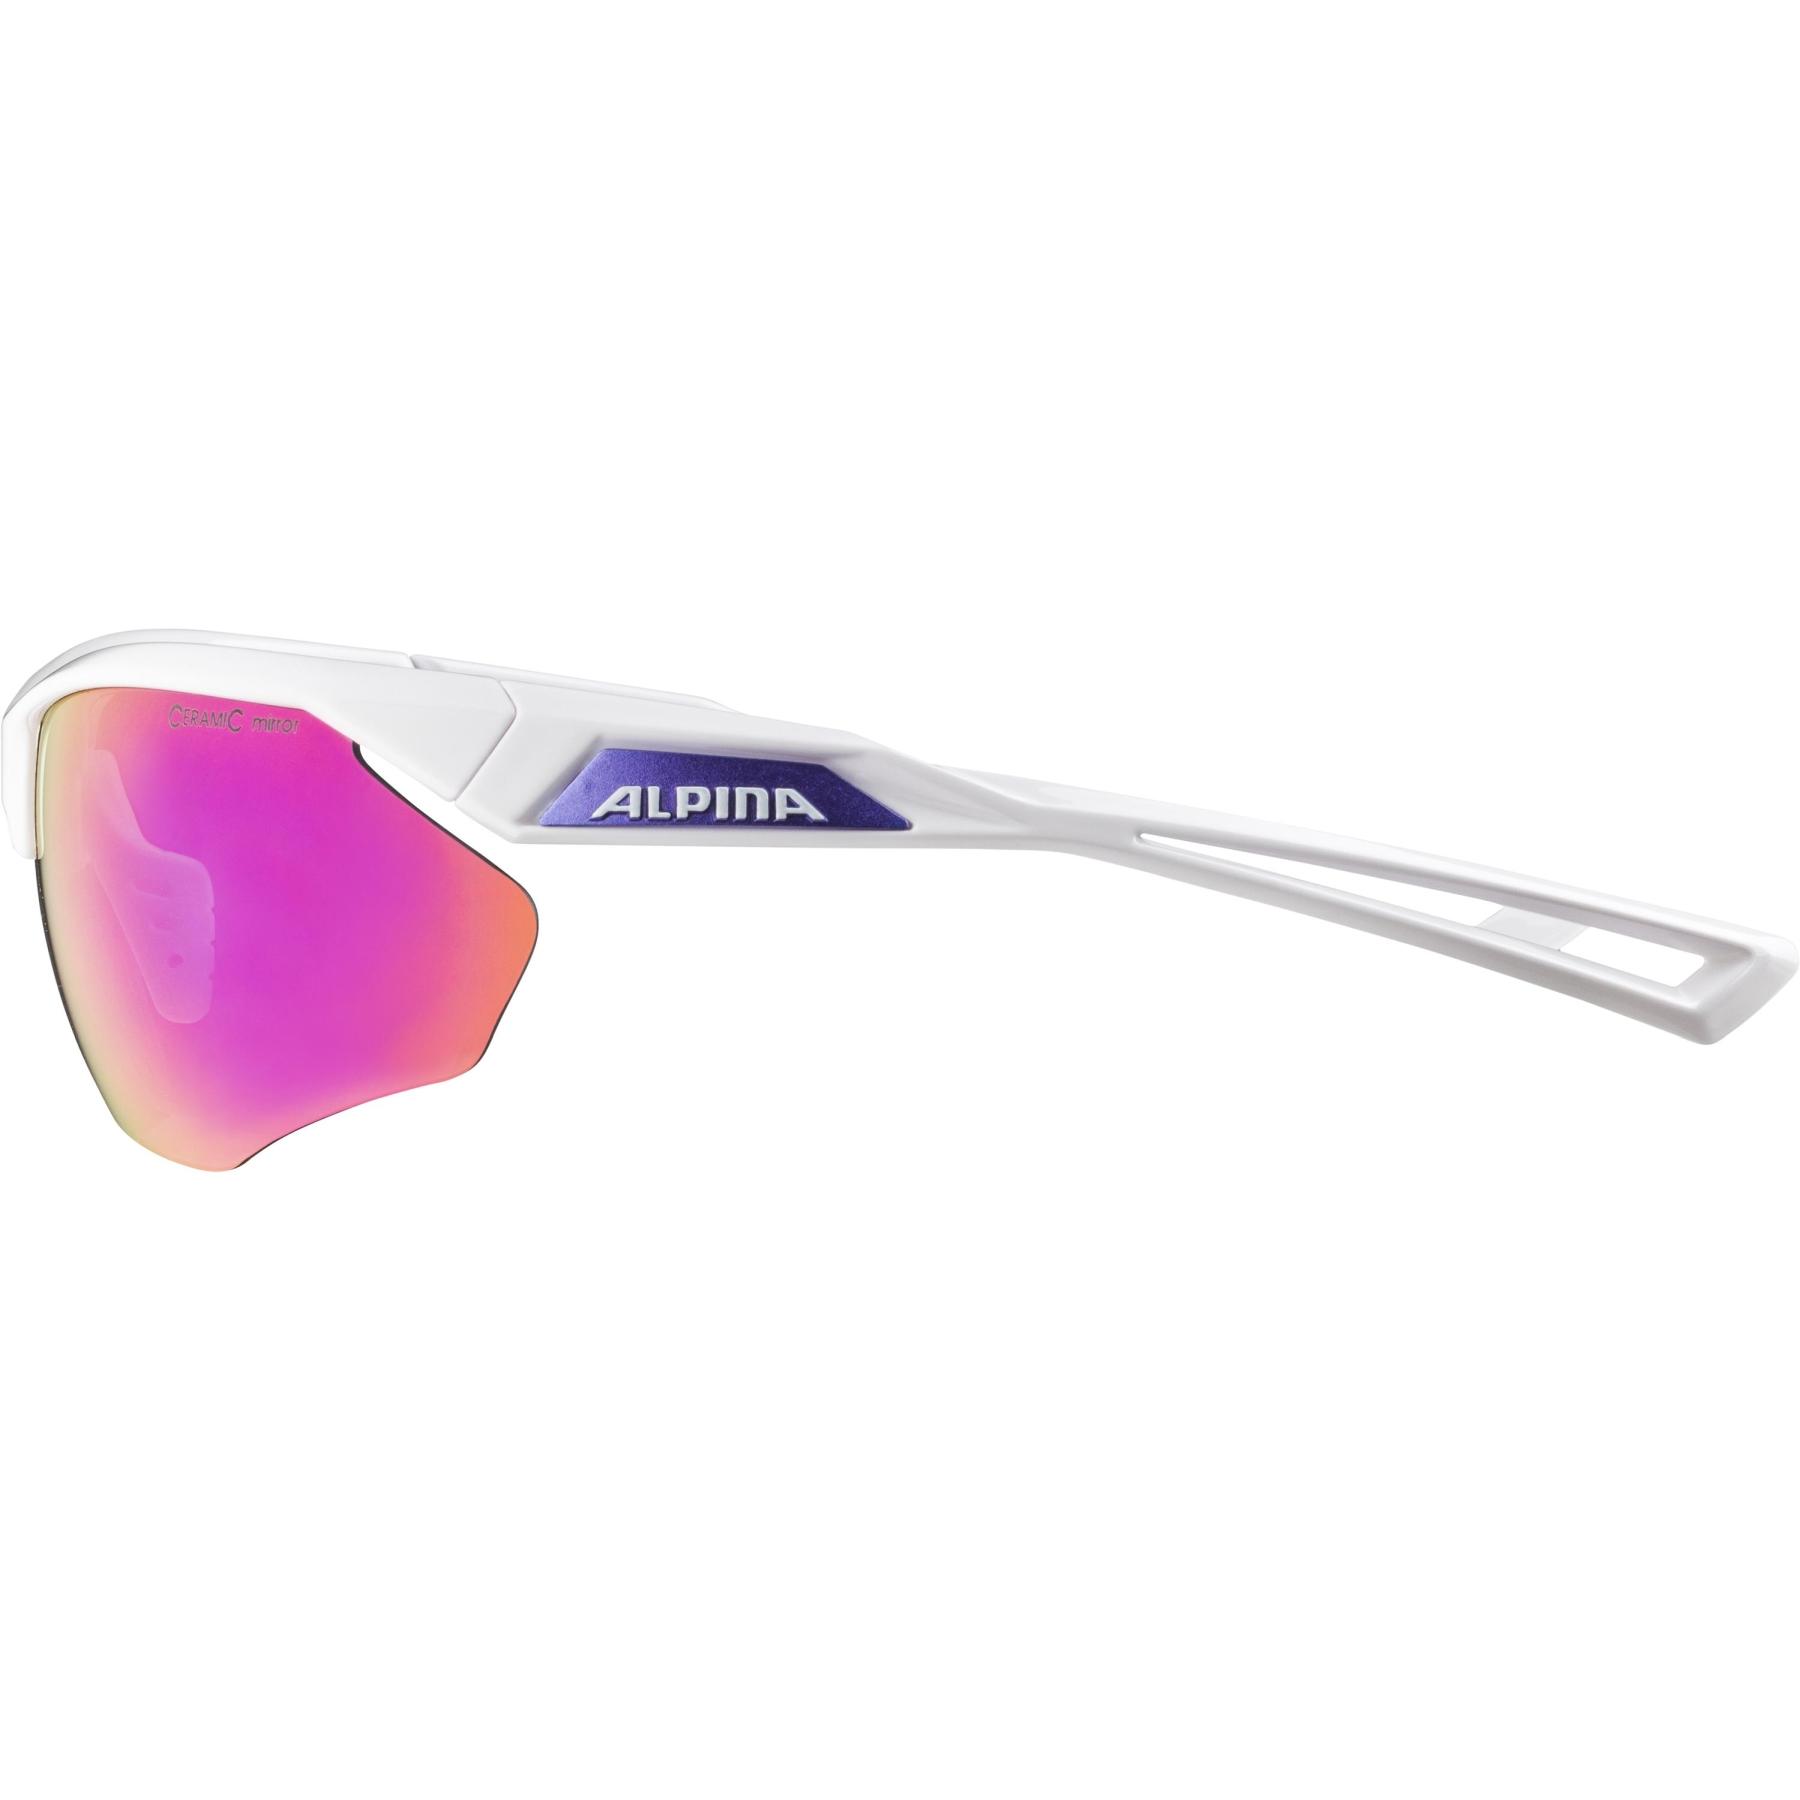 Image of Alpina Nylos HR Glasses - white-purple / purple mirror